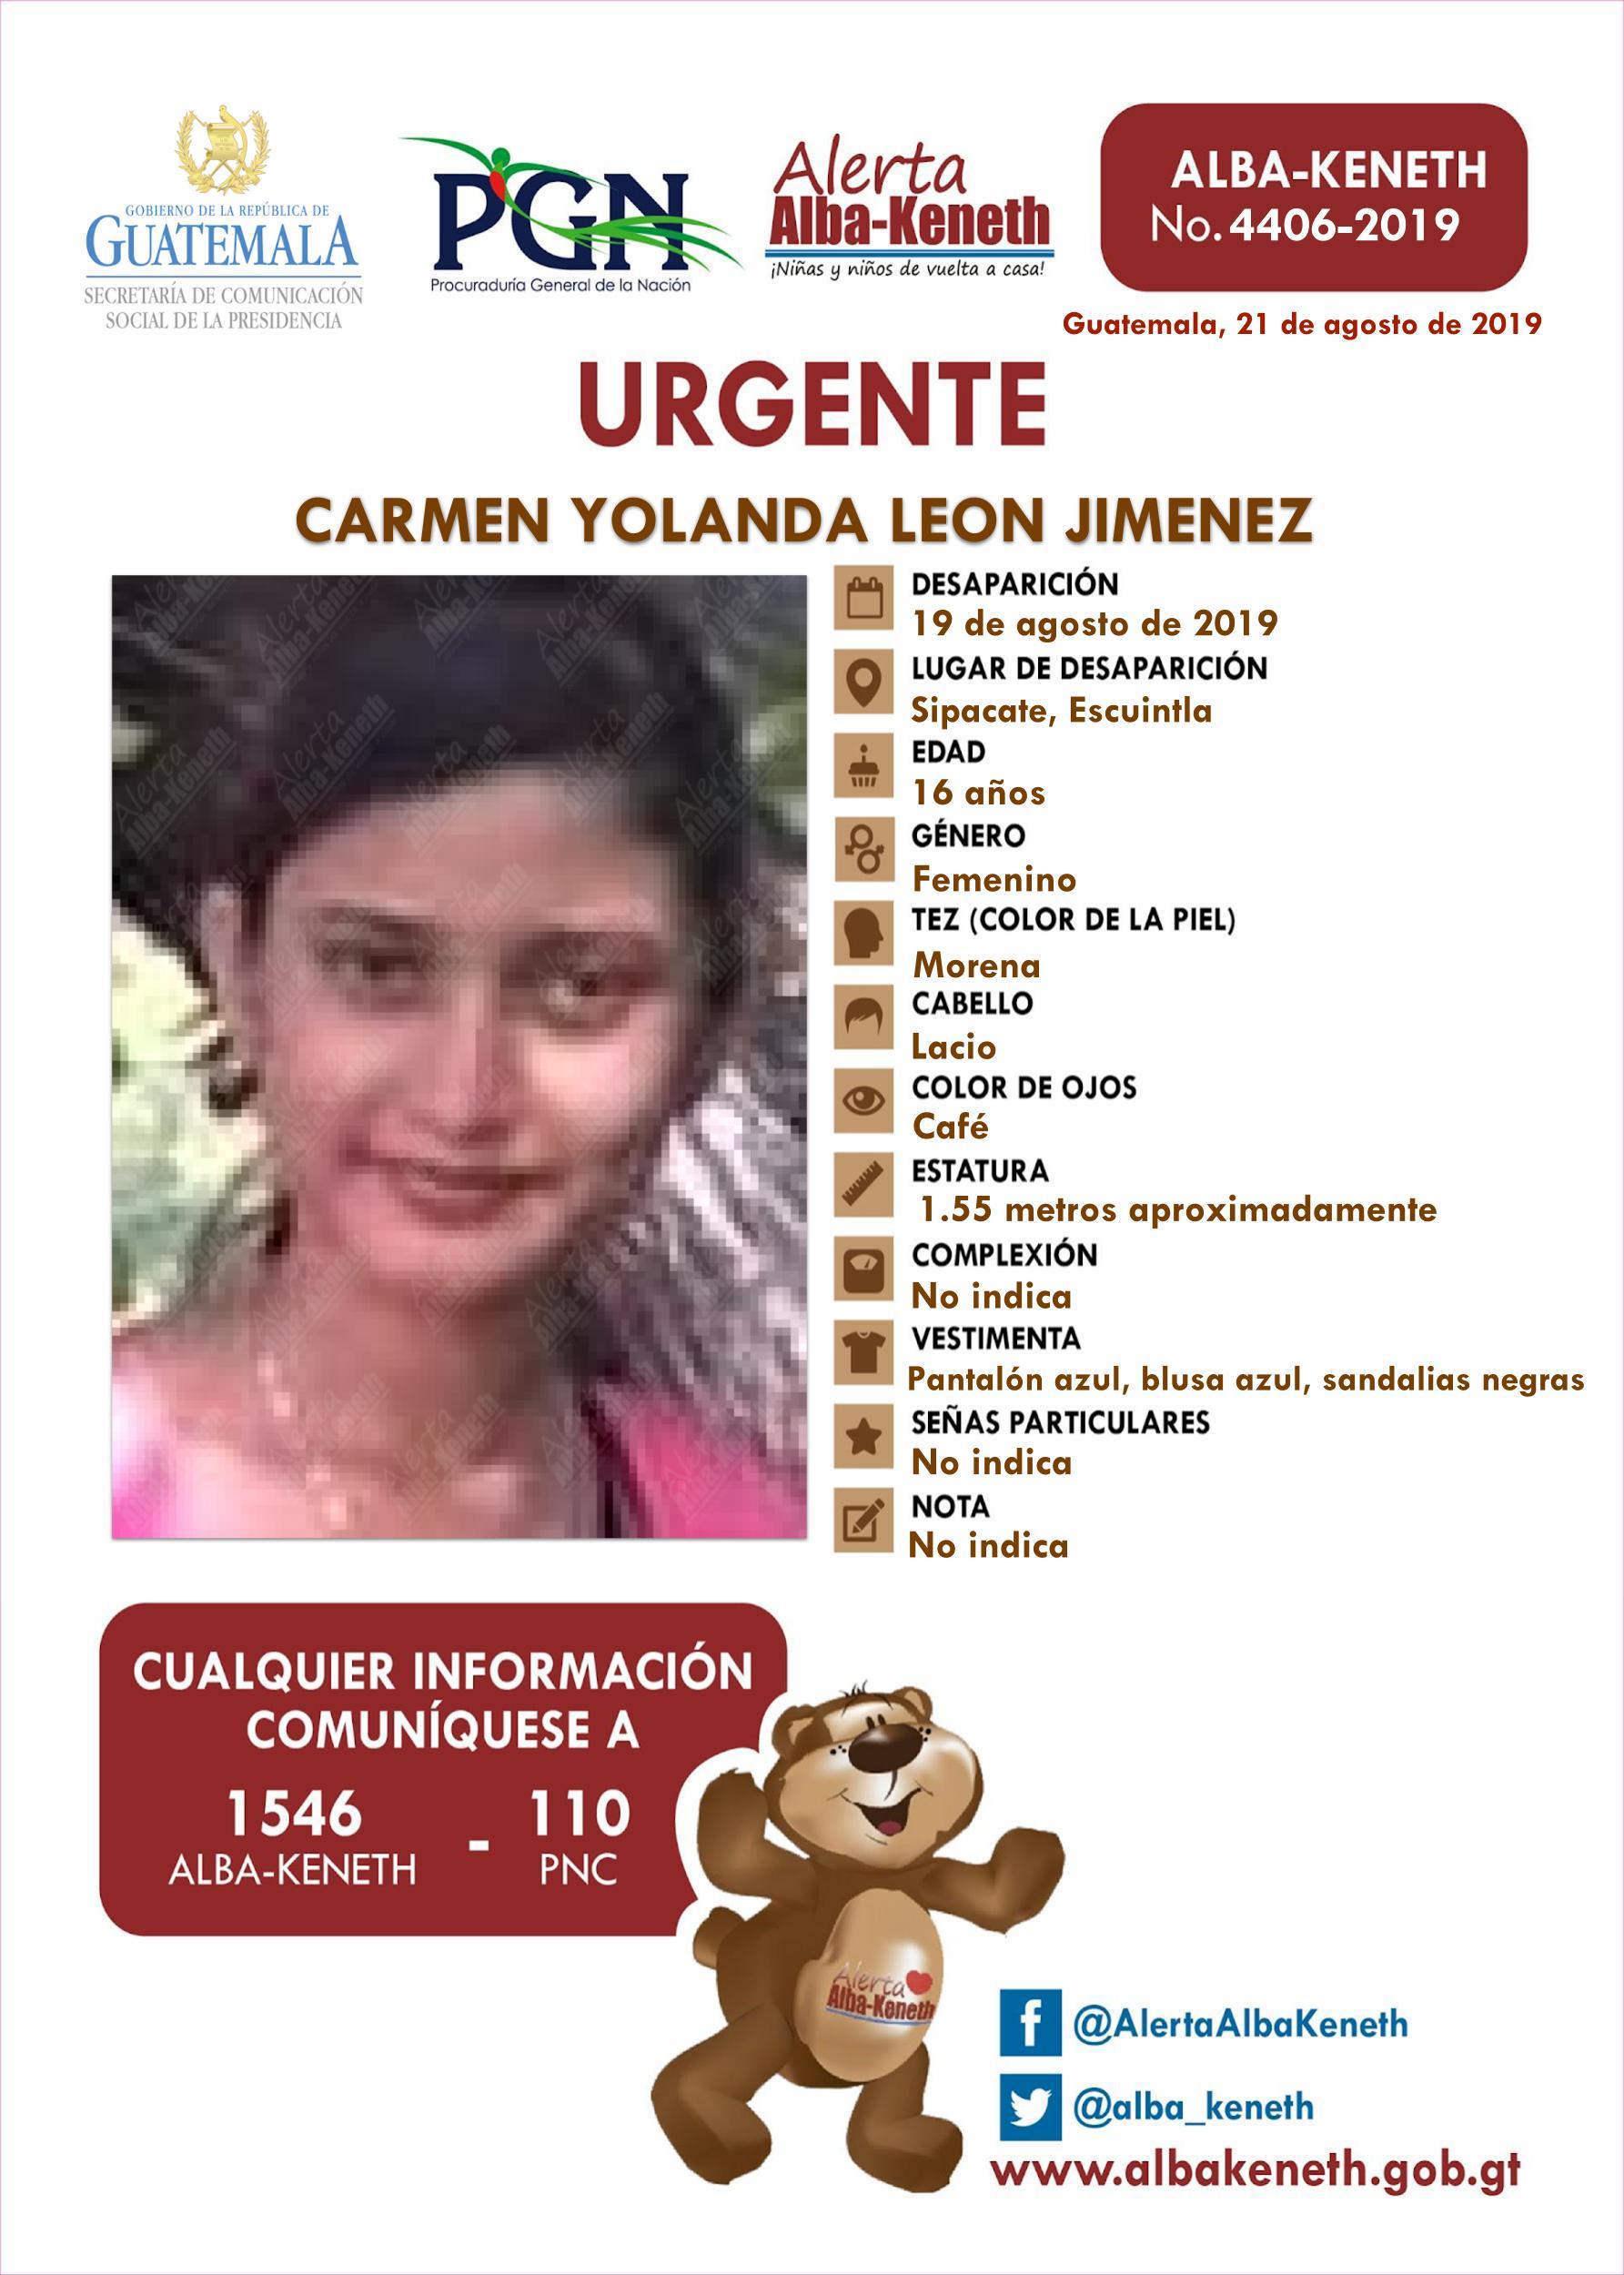 Carmen Yolanda Leon Jimenez